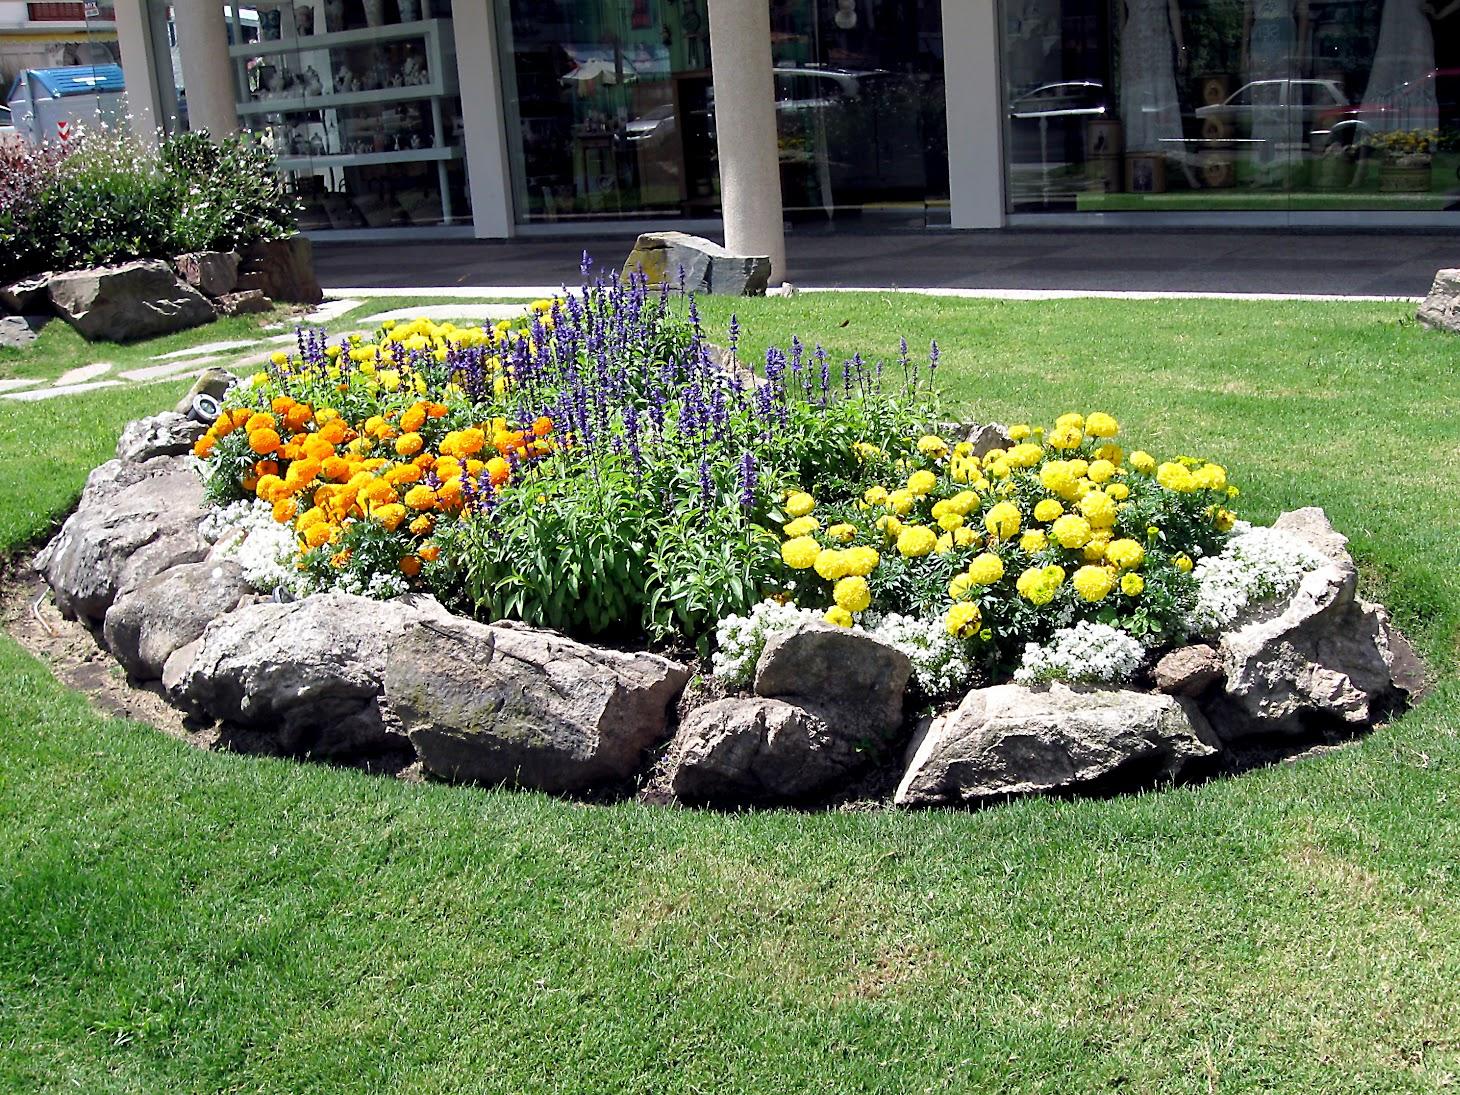 Λουλούδια μπροστά από το σπίτι25